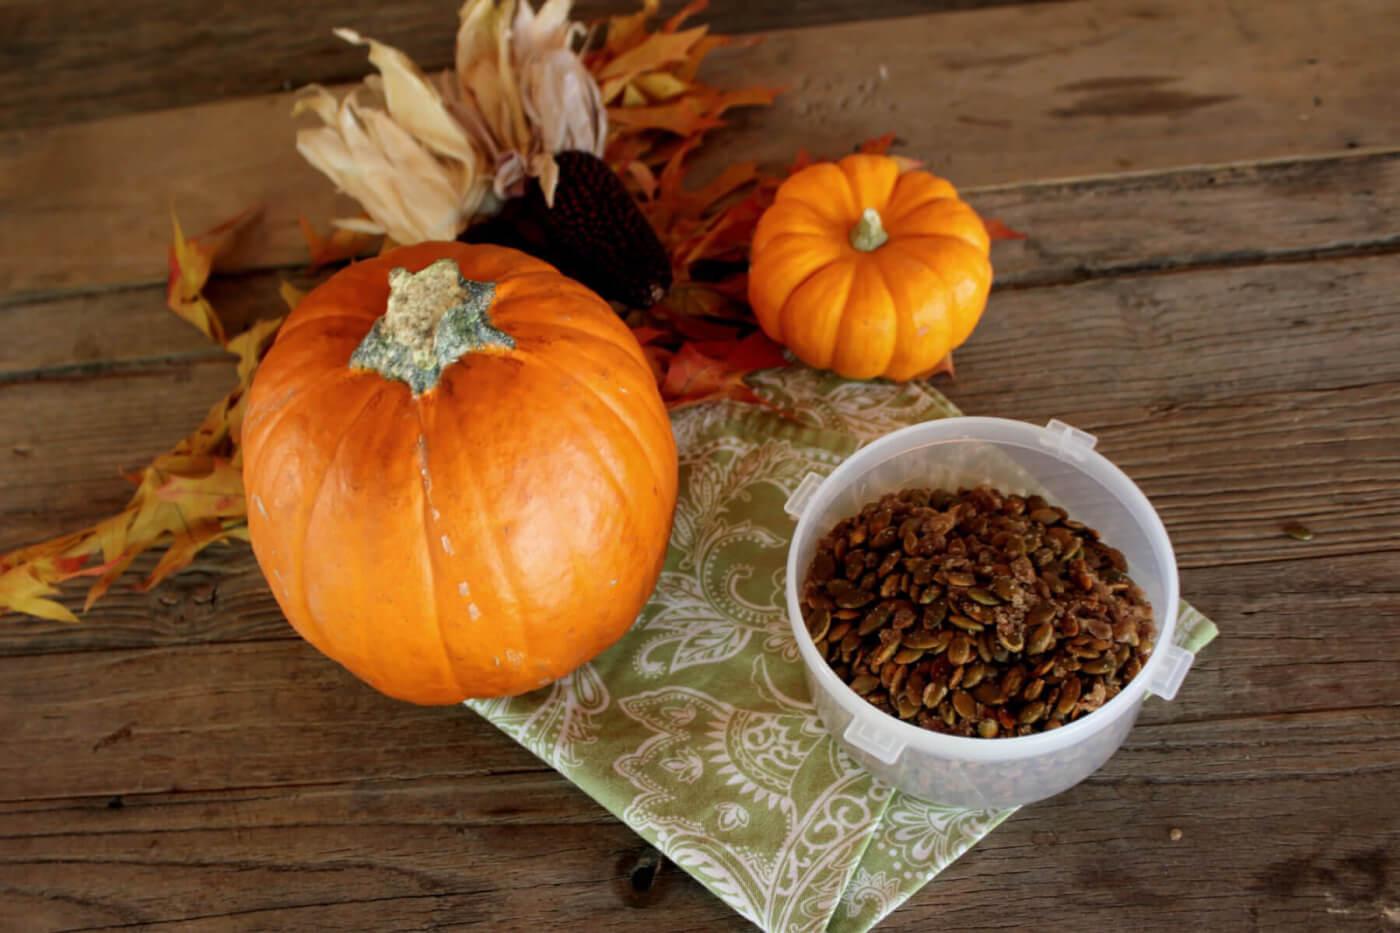 Roasted Cinnamon-Sugar Pumpkin Seeds